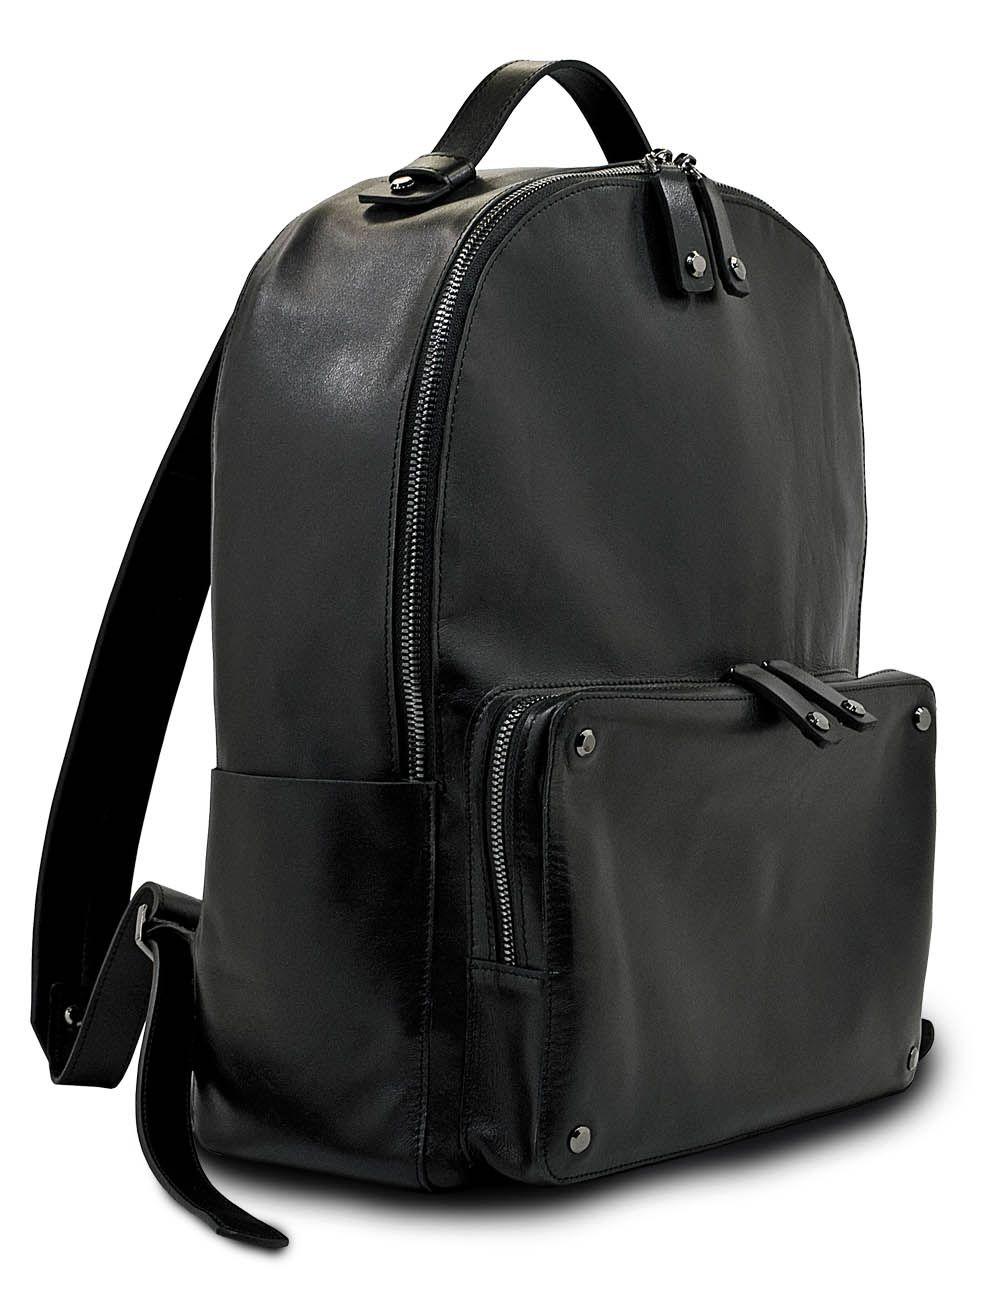 fd7a98601223 Рюкзак из натуральной кожи с внутренней отделкой из натурального велюра. # рюкзак #кожаный рюкзак